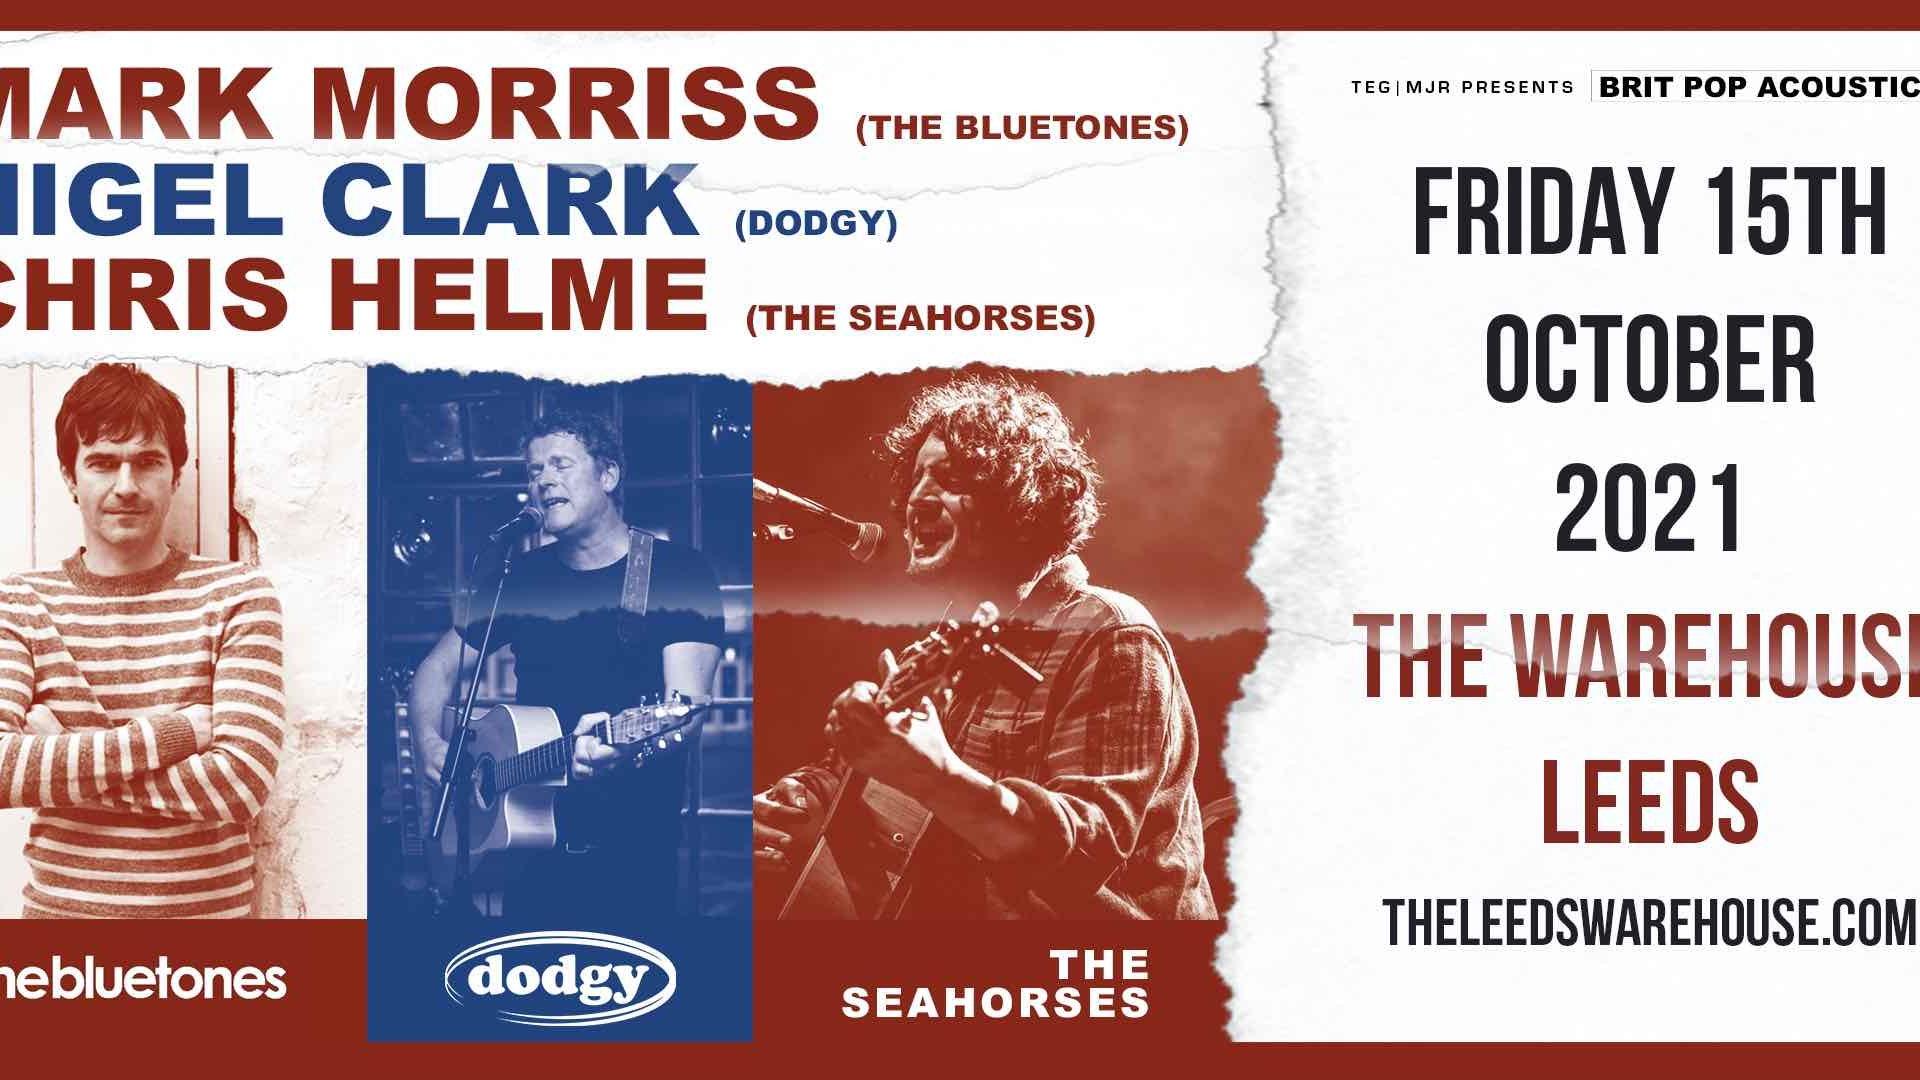 Britpop Acoustic: Mark Morriss (The Bluetones), Nigel Clarke (Dodgy) & Chris Helme (The Seahorses) – Live